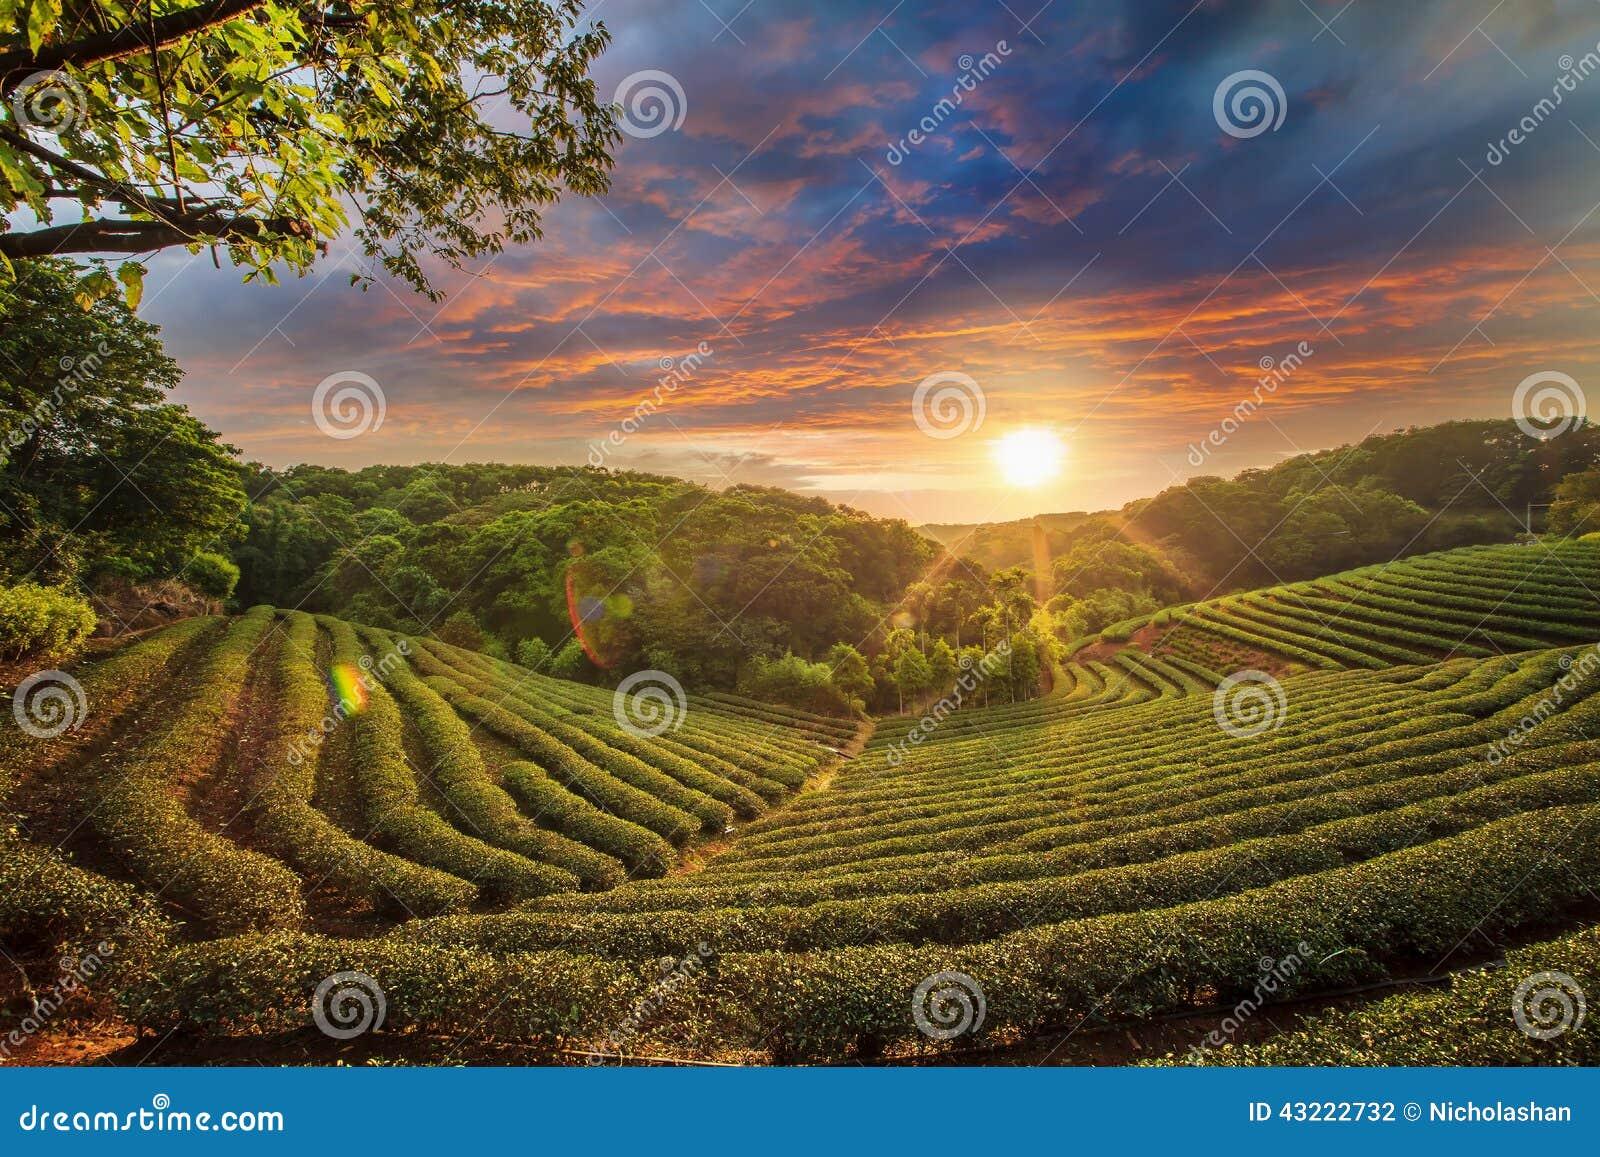 Vallée de plantation de thé au ciel rose dramatique de coucher du soleil à Taïwan